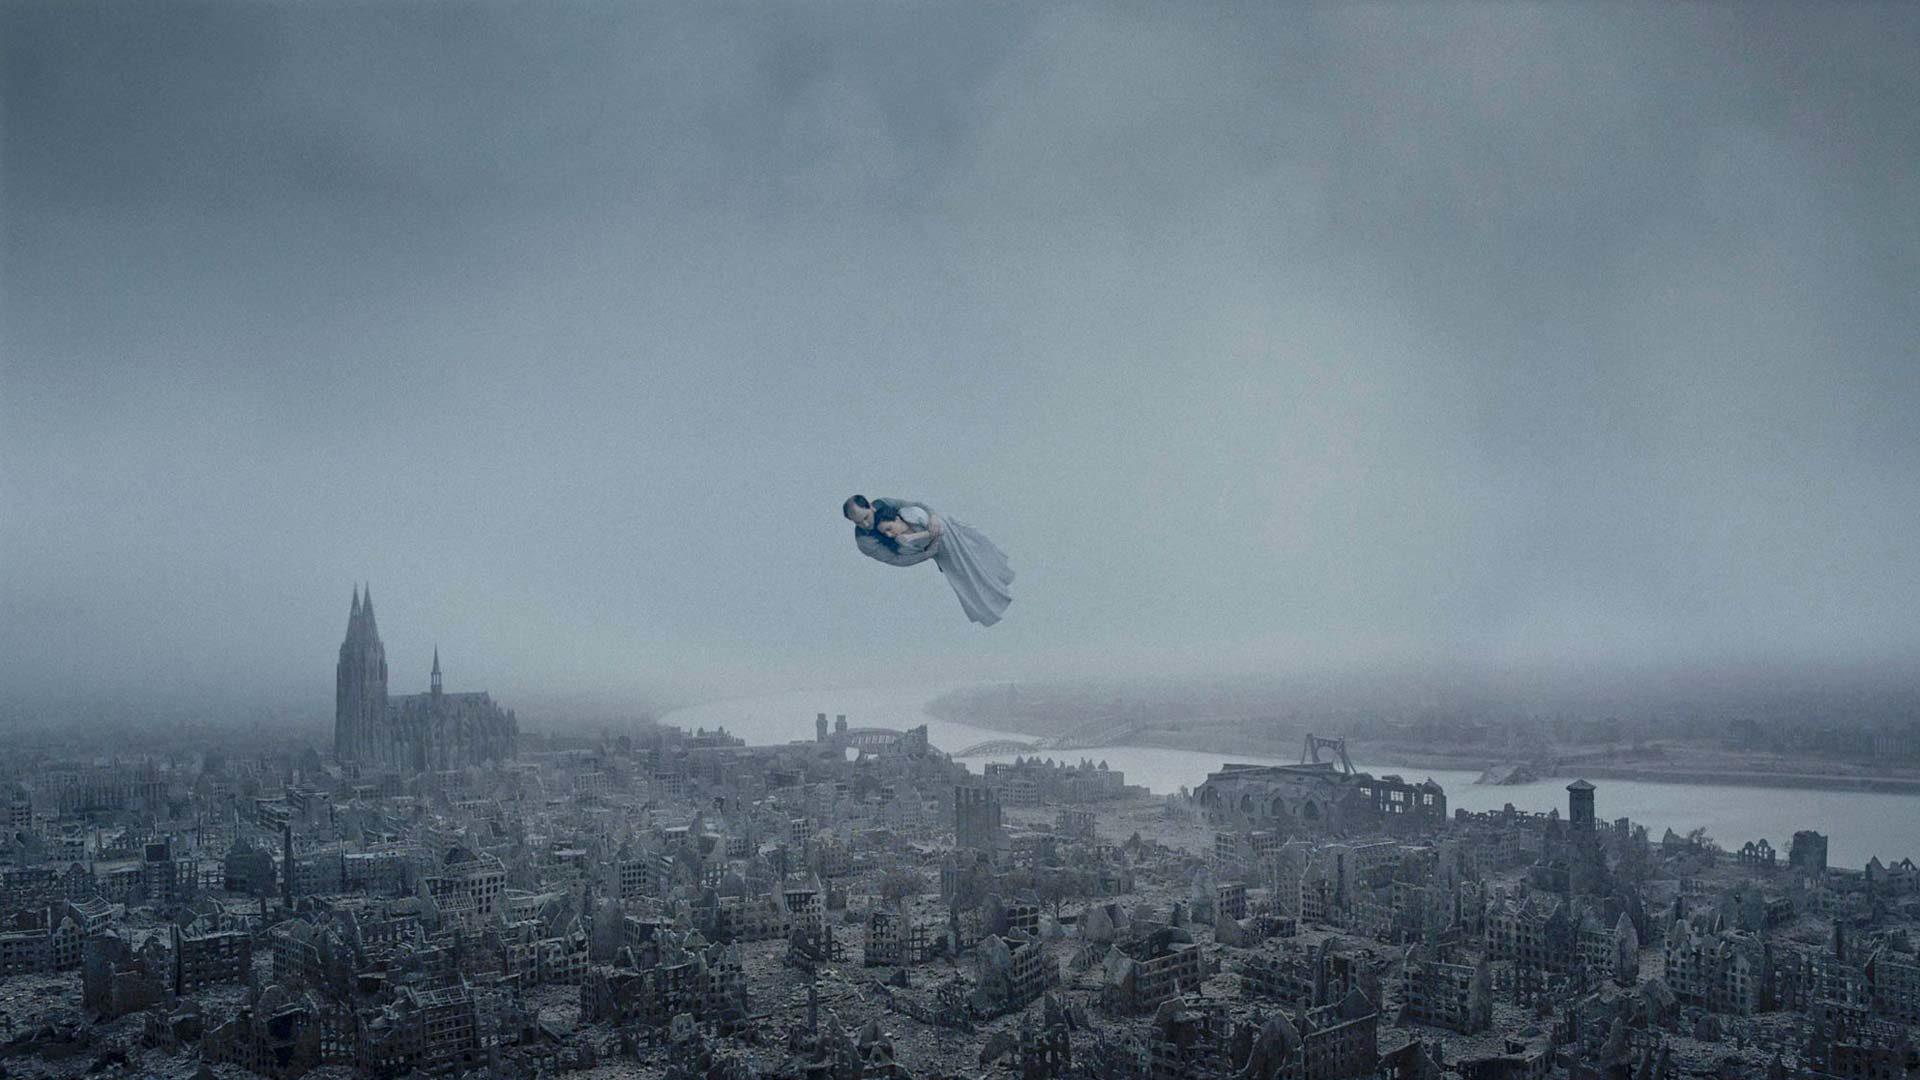 Kohti ääretöntä -elokuvassa pariskunta liitää pommitusten raunioittaman Kölnin yllä.